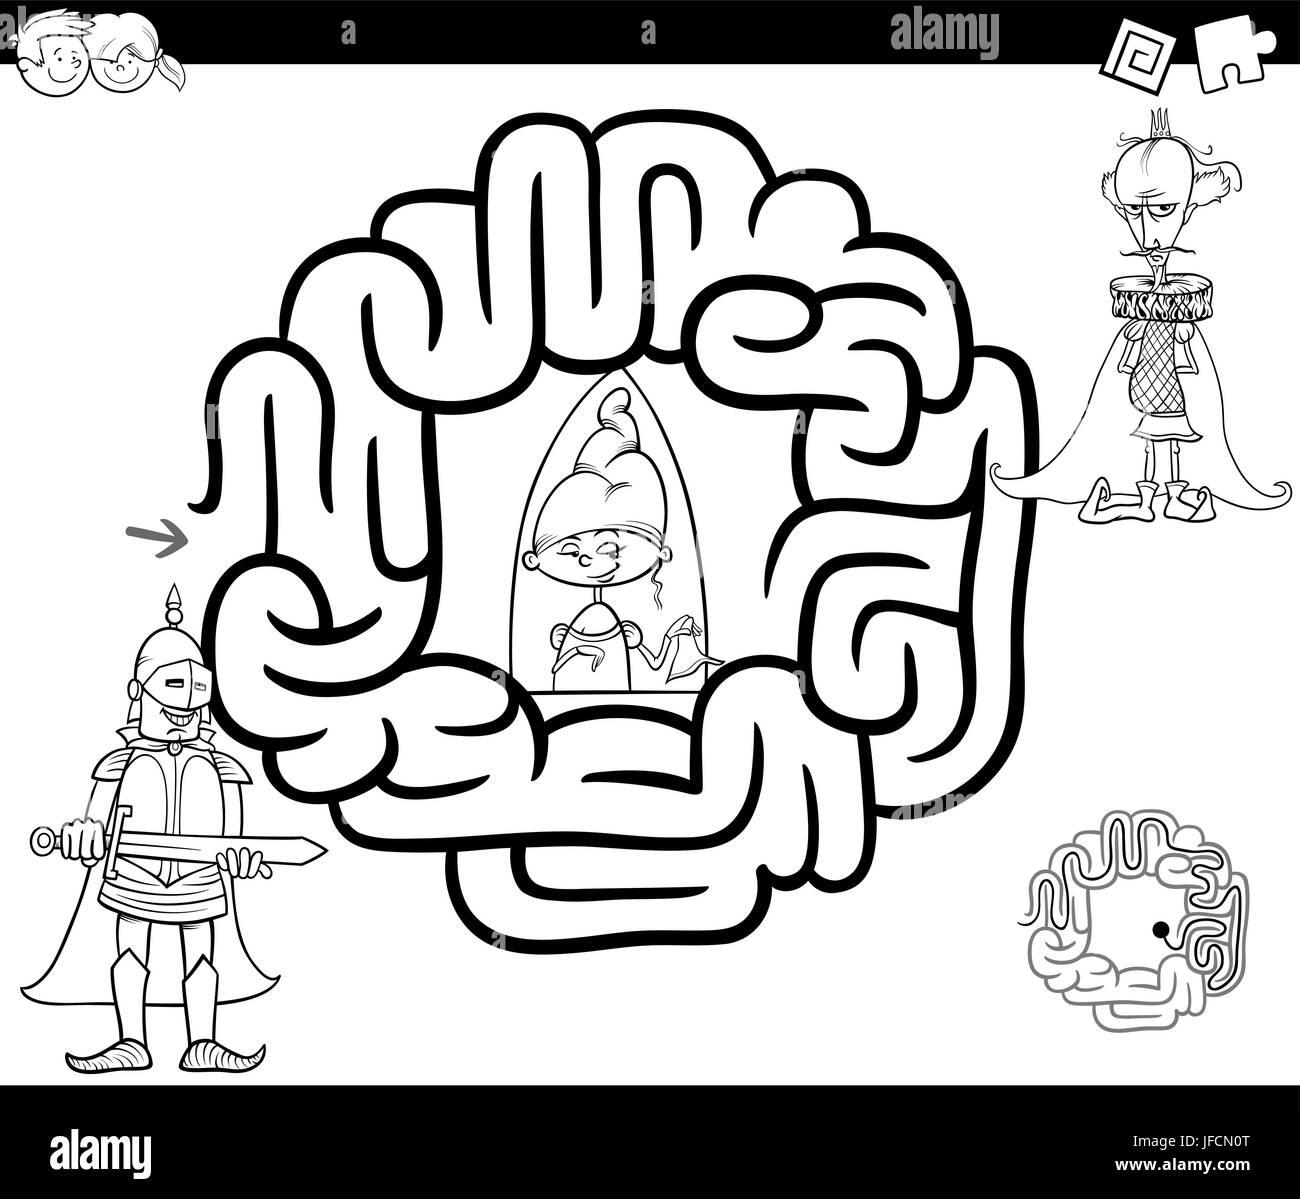 Schwarz Weiß Cartoon Illustration Der Bildung Irrgarten